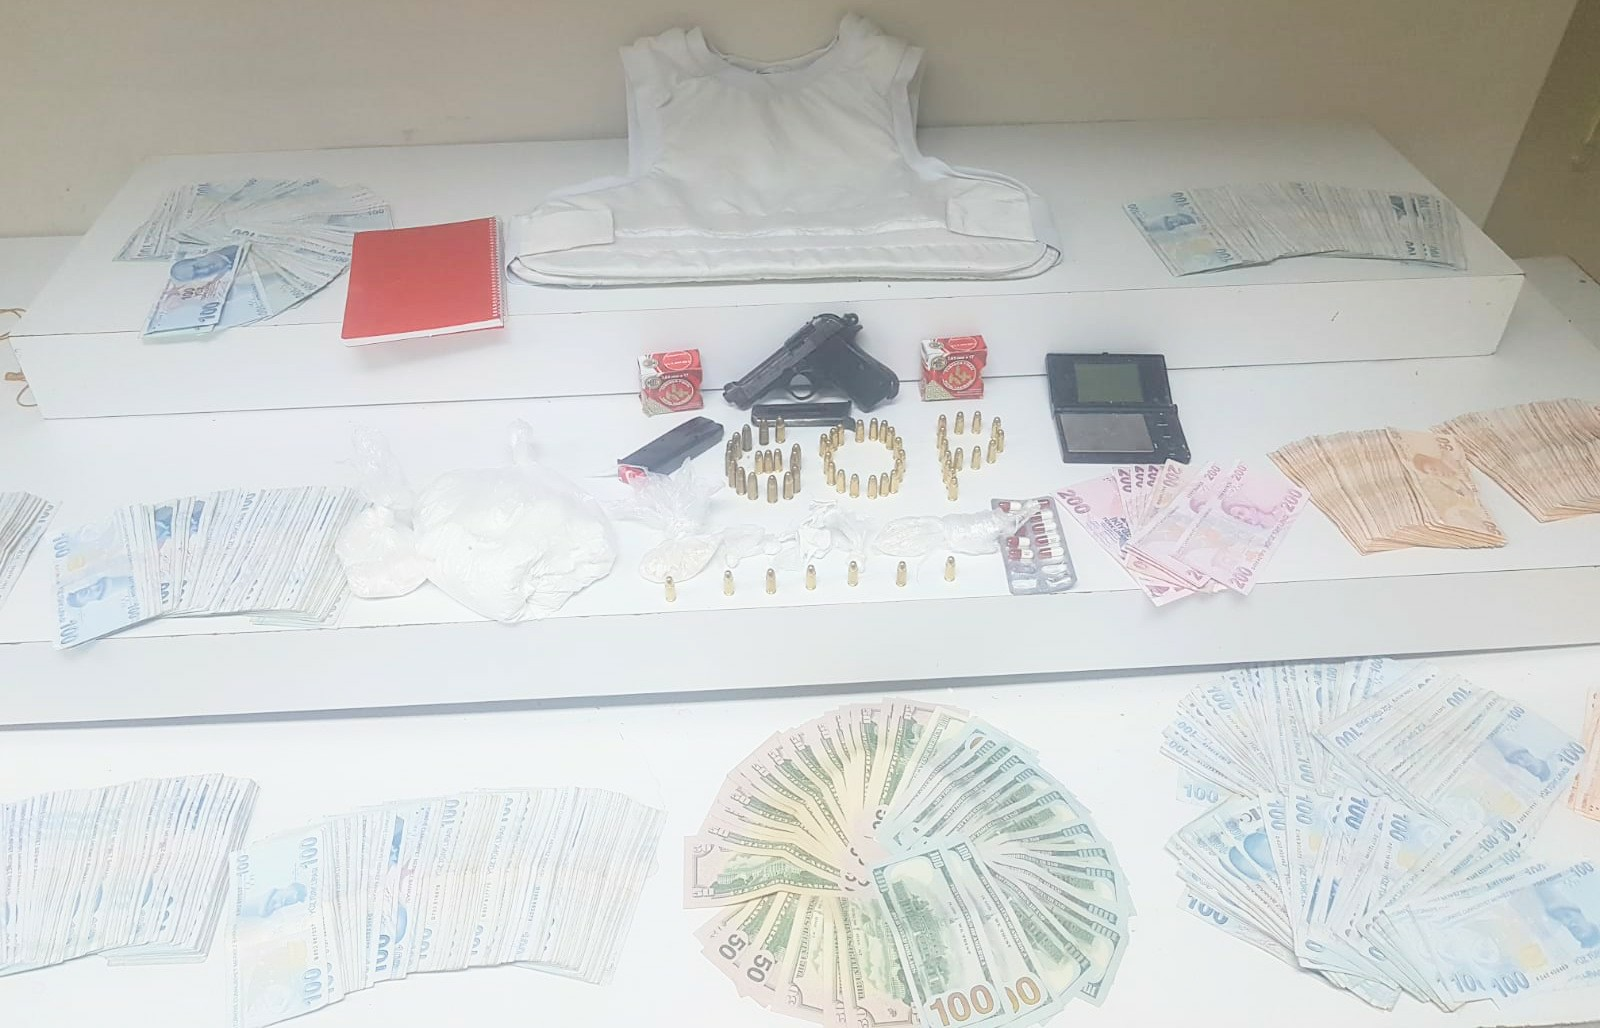 Uyuşturucu deposu ve para kasası patlatıldı, 5 kişi kodesi boyladı